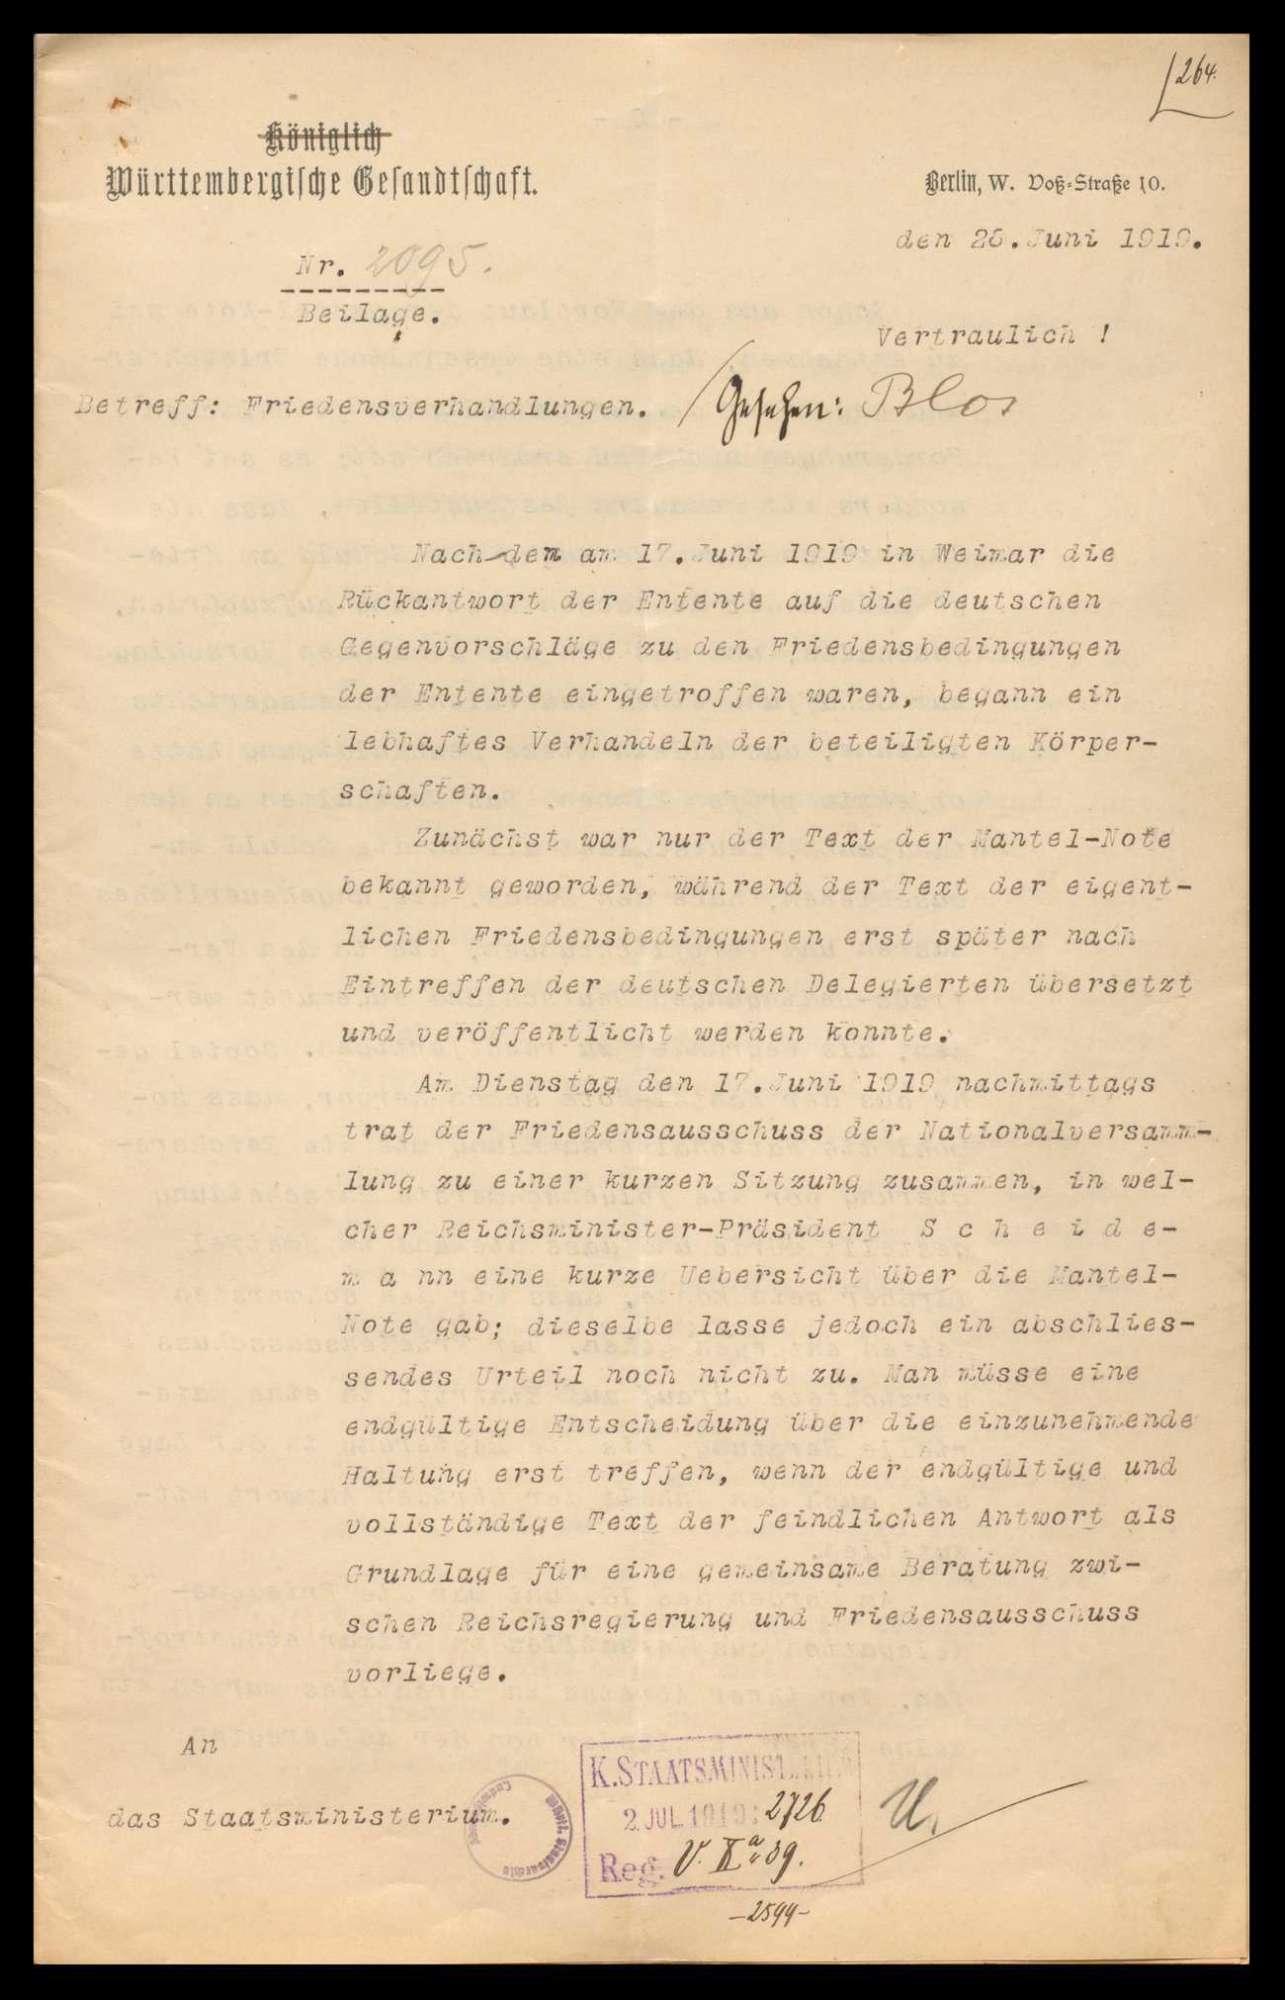 Friedensvertragsverhandlungen in Versailles, Friedensbedingungen, besetztes deutsches Gebiet, Verhandlungen wegen Verkaufs und Einfuhr von Rohstoffen nach Deutschland, Bild 1